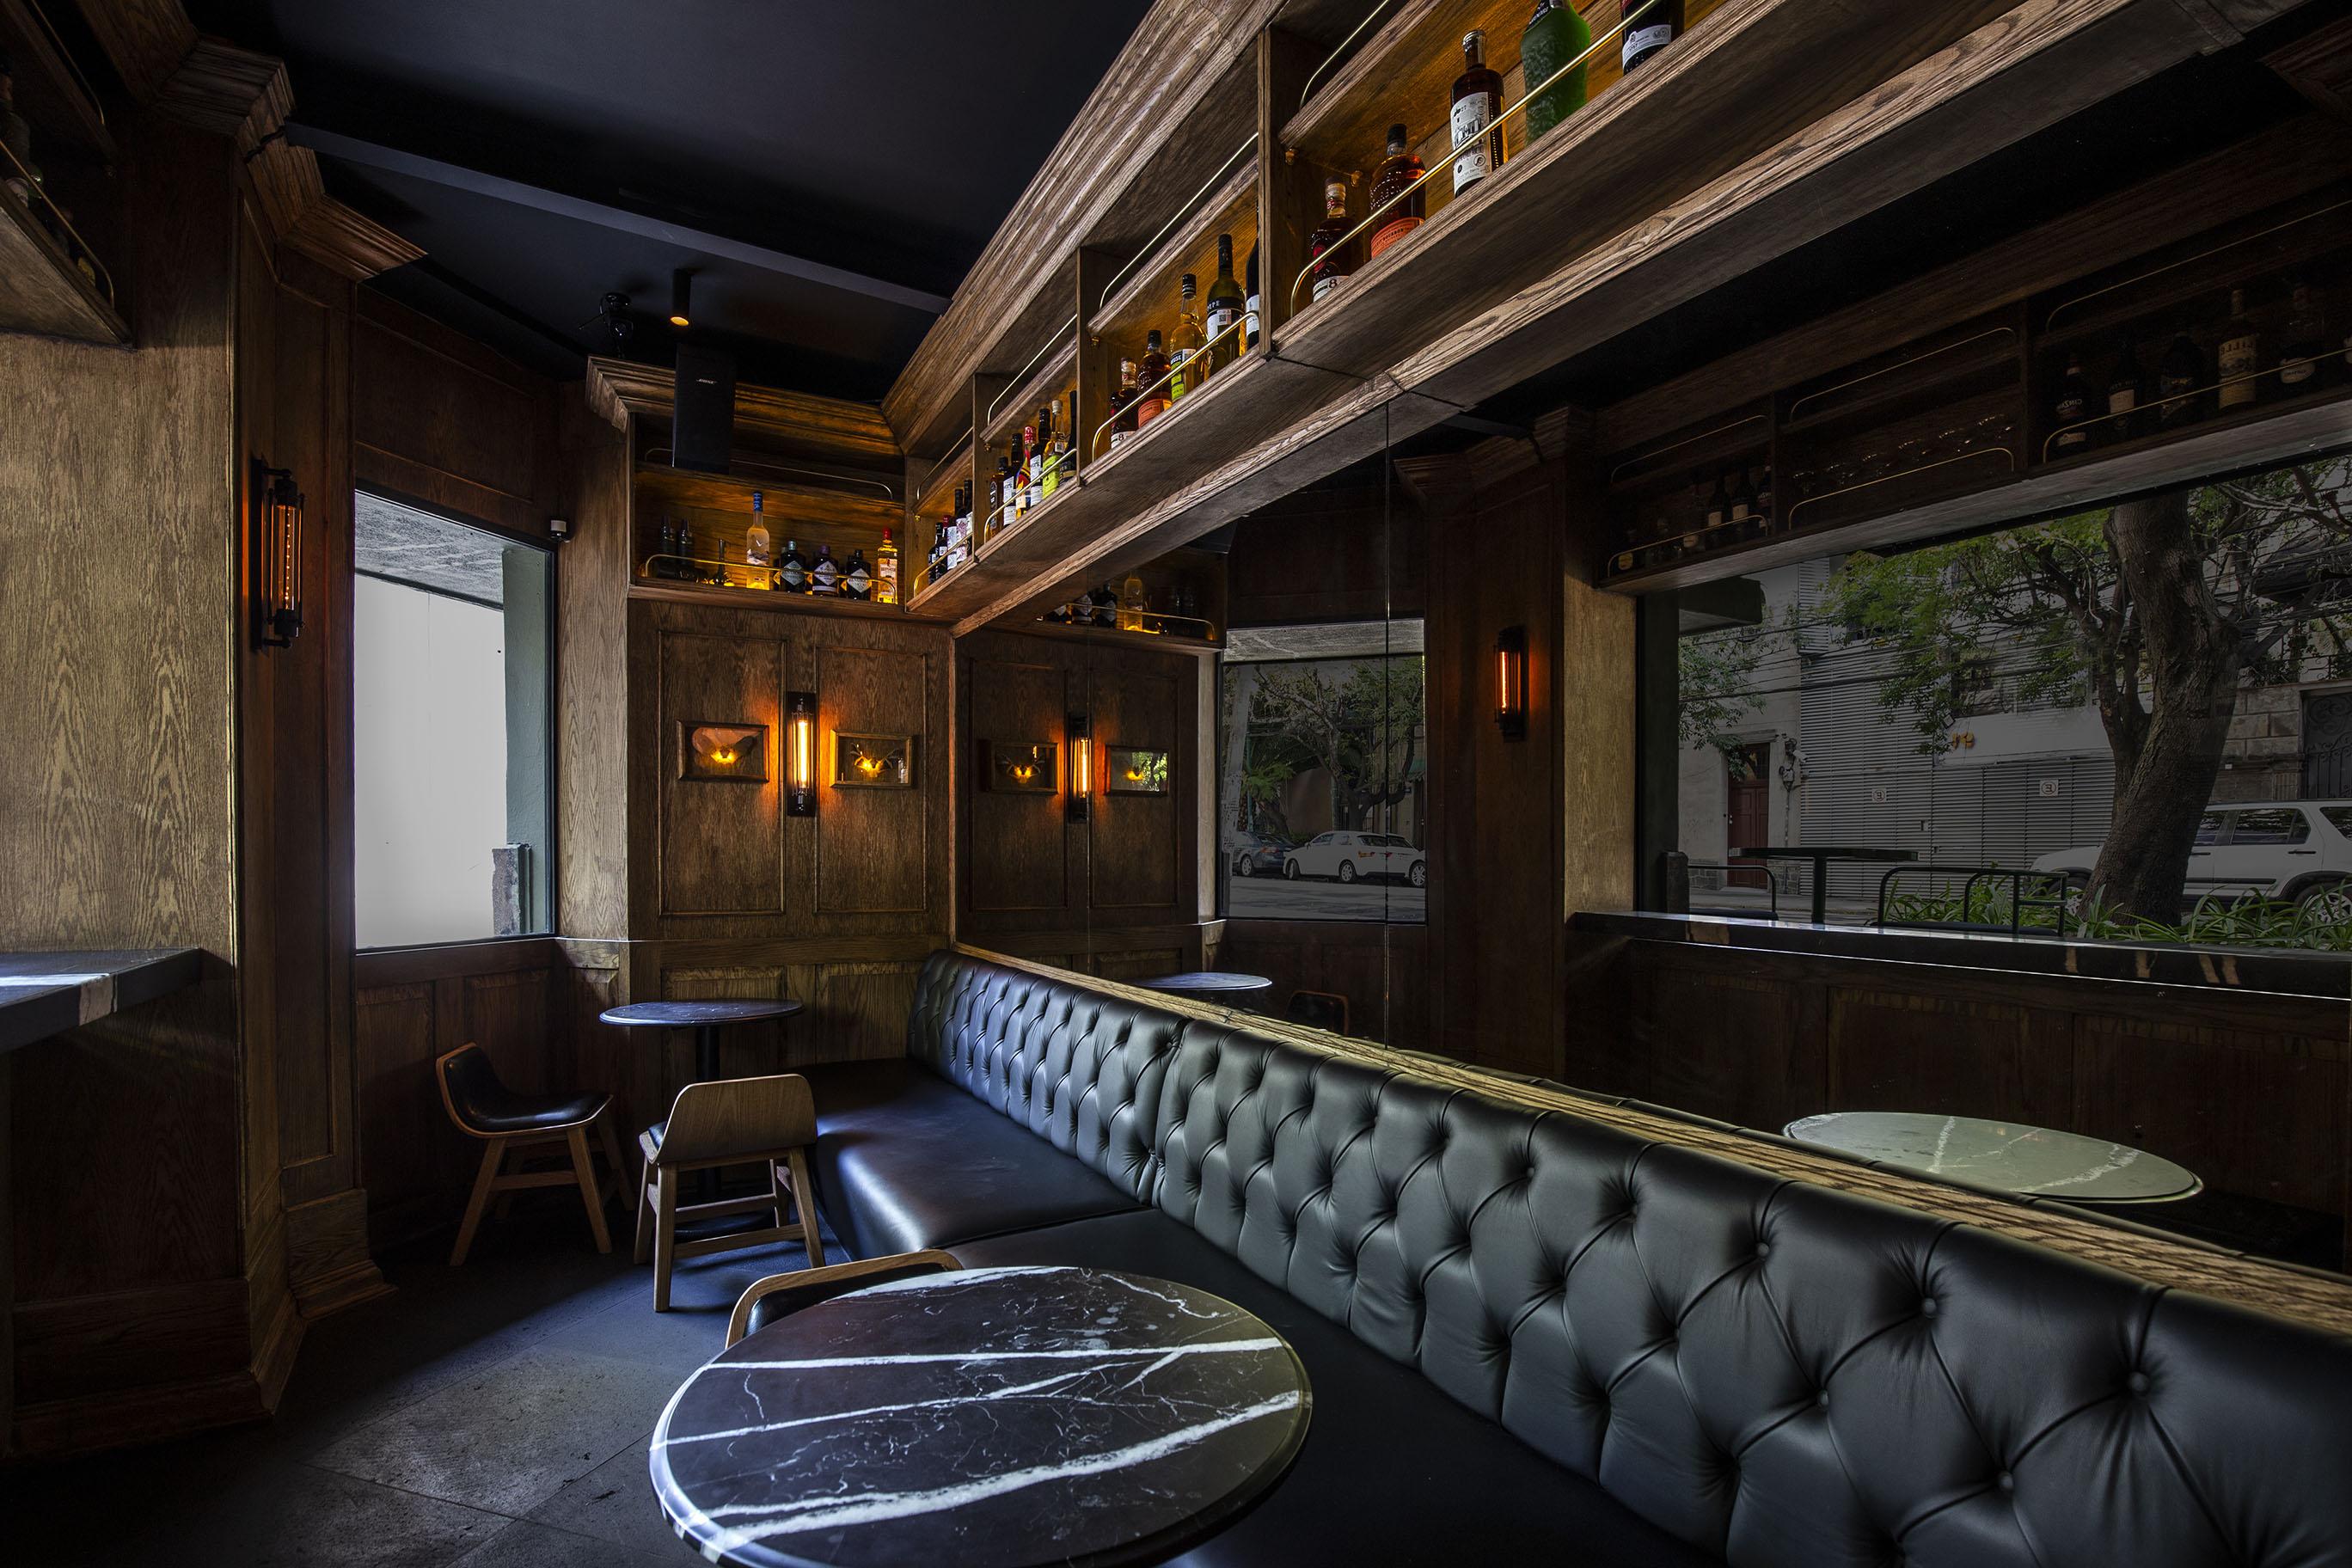 Bar Brujas: El nuevo (y muy misterioso) 'spot' para irte de copas en la CDMX